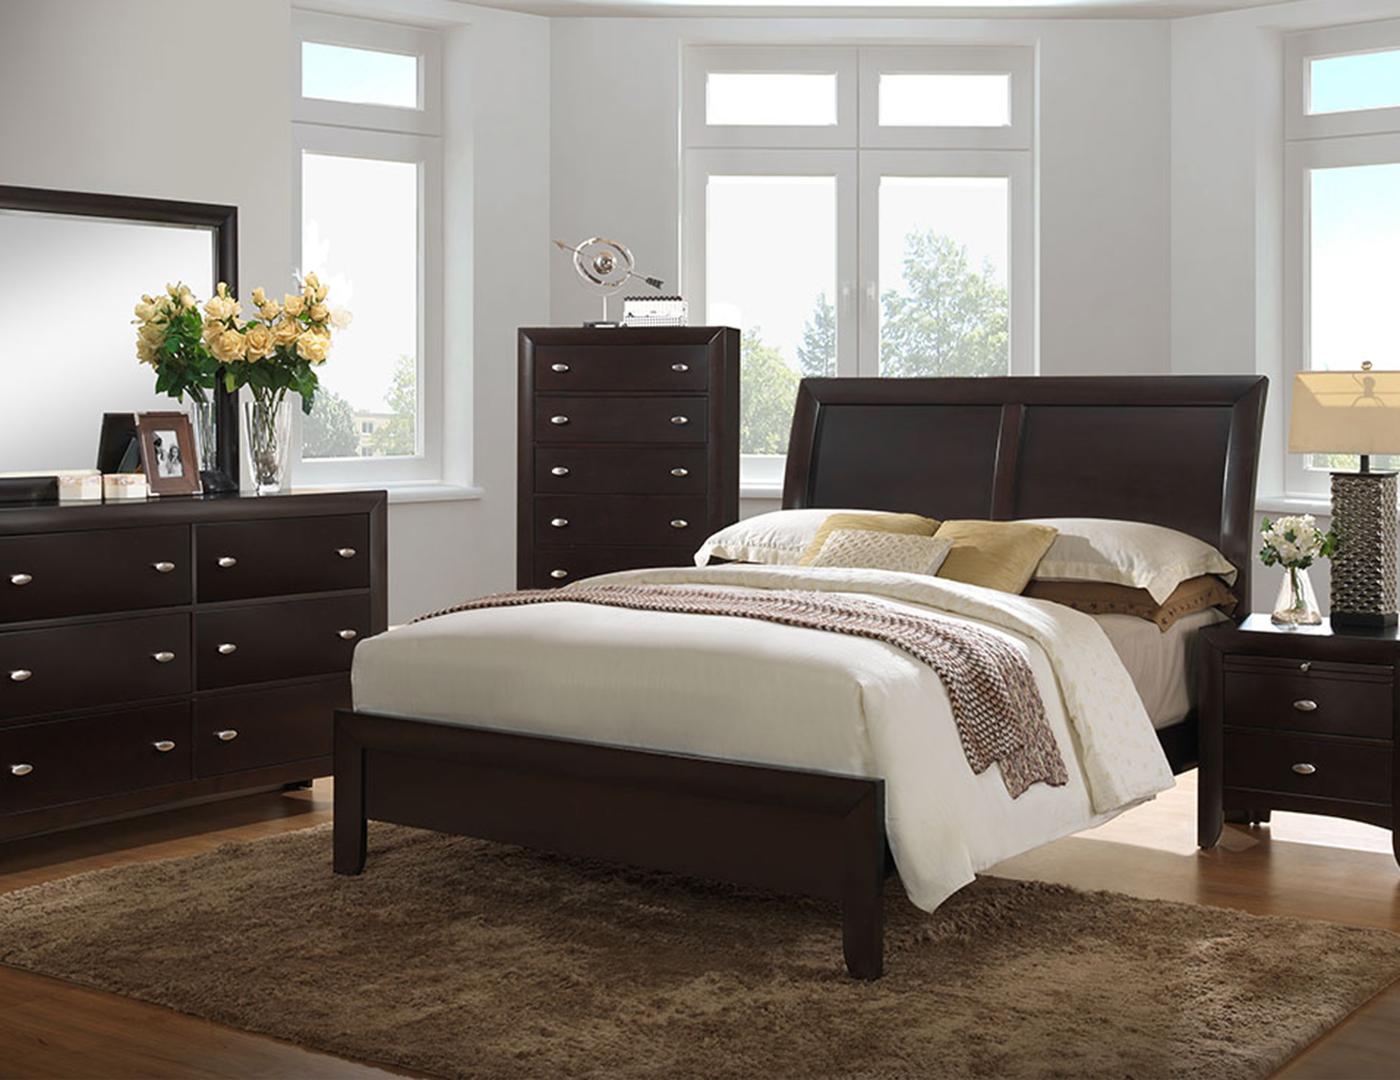 steinhafels bedroom beds. Black Bedroom Furniture Sets. Home Design Ideas